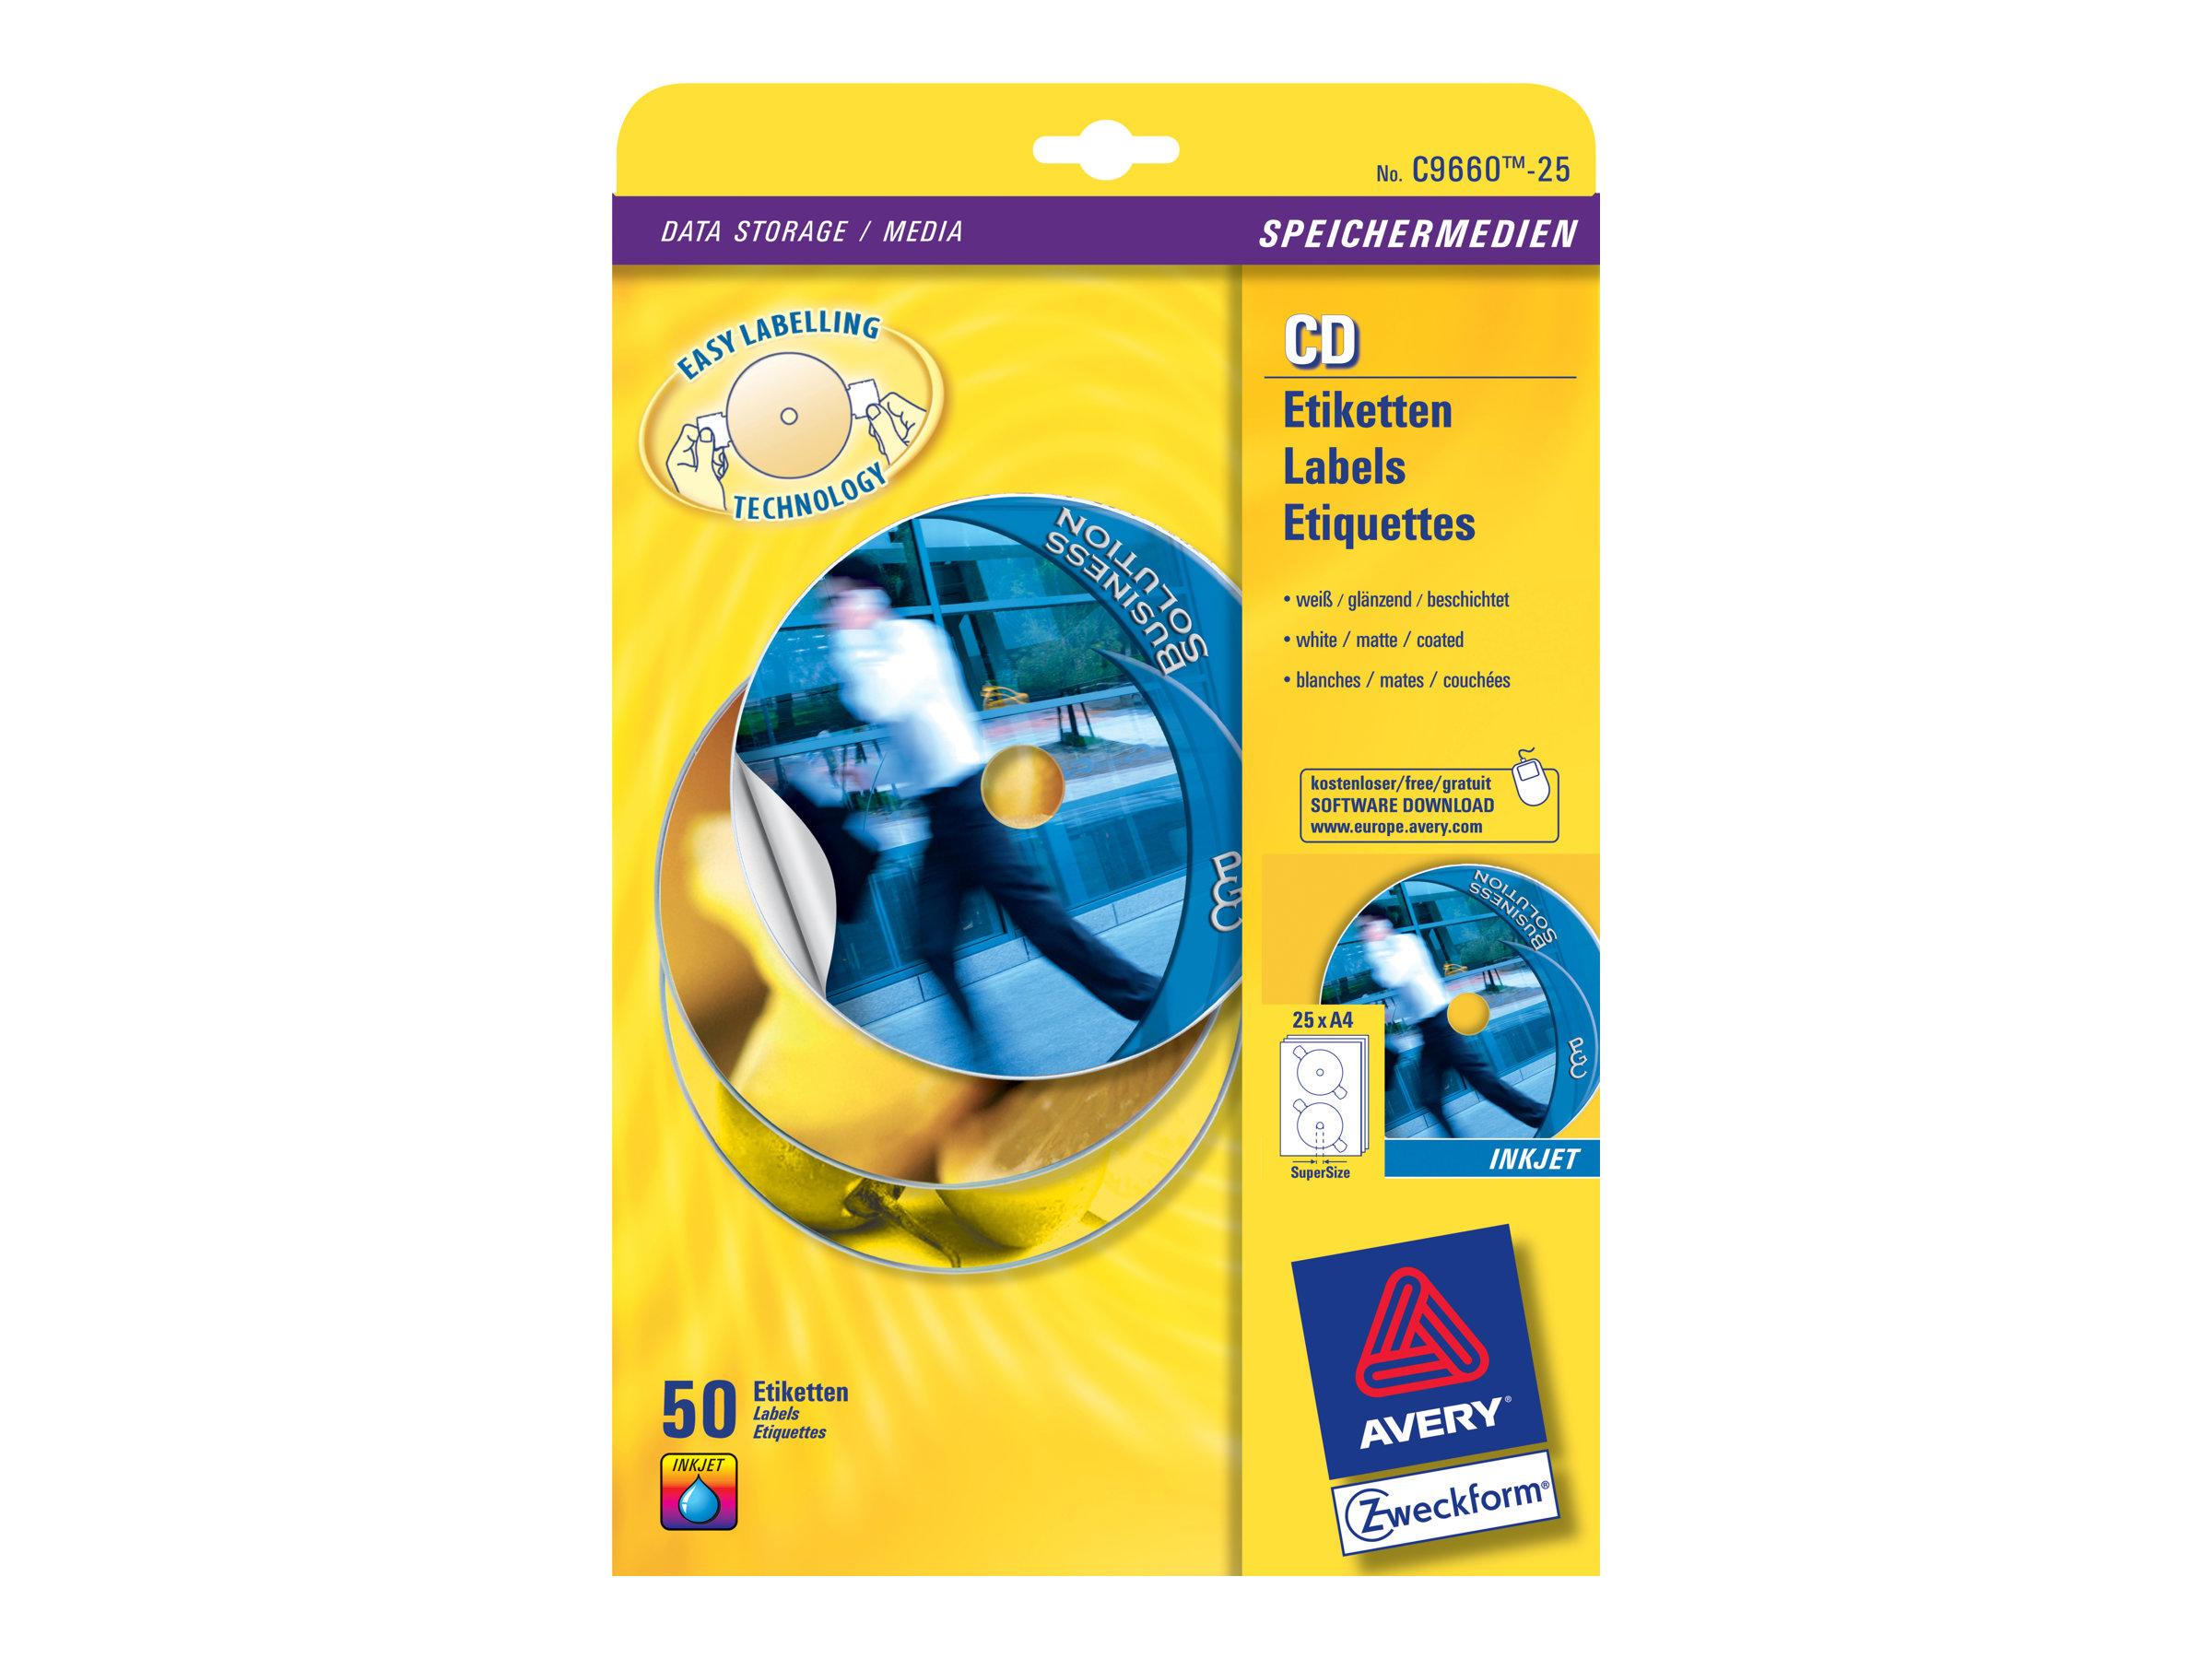 Avery Zweckform  Weiß, hochglänzend - 117 mm rund 50 Etikett(en) (25 Bogen x 2) CD/DVD-Etiketten